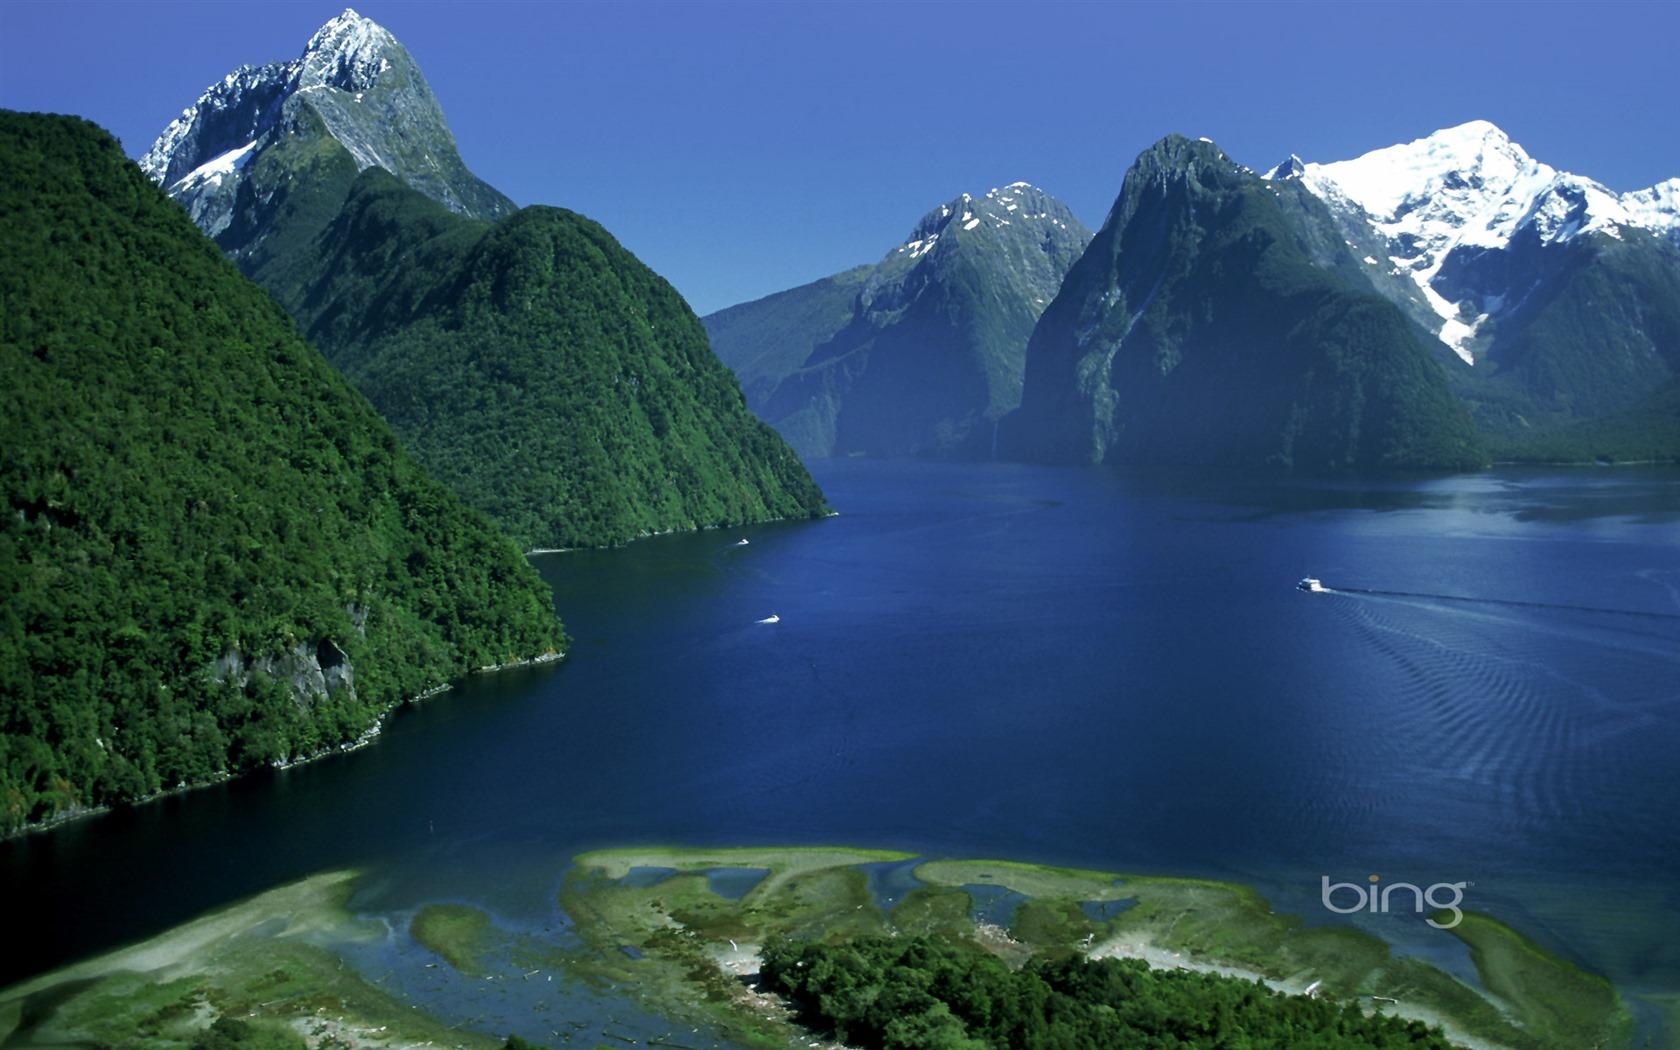 Windows 7 Bing Thmes les montagnes leau claire ciel bleu large 1680x1050